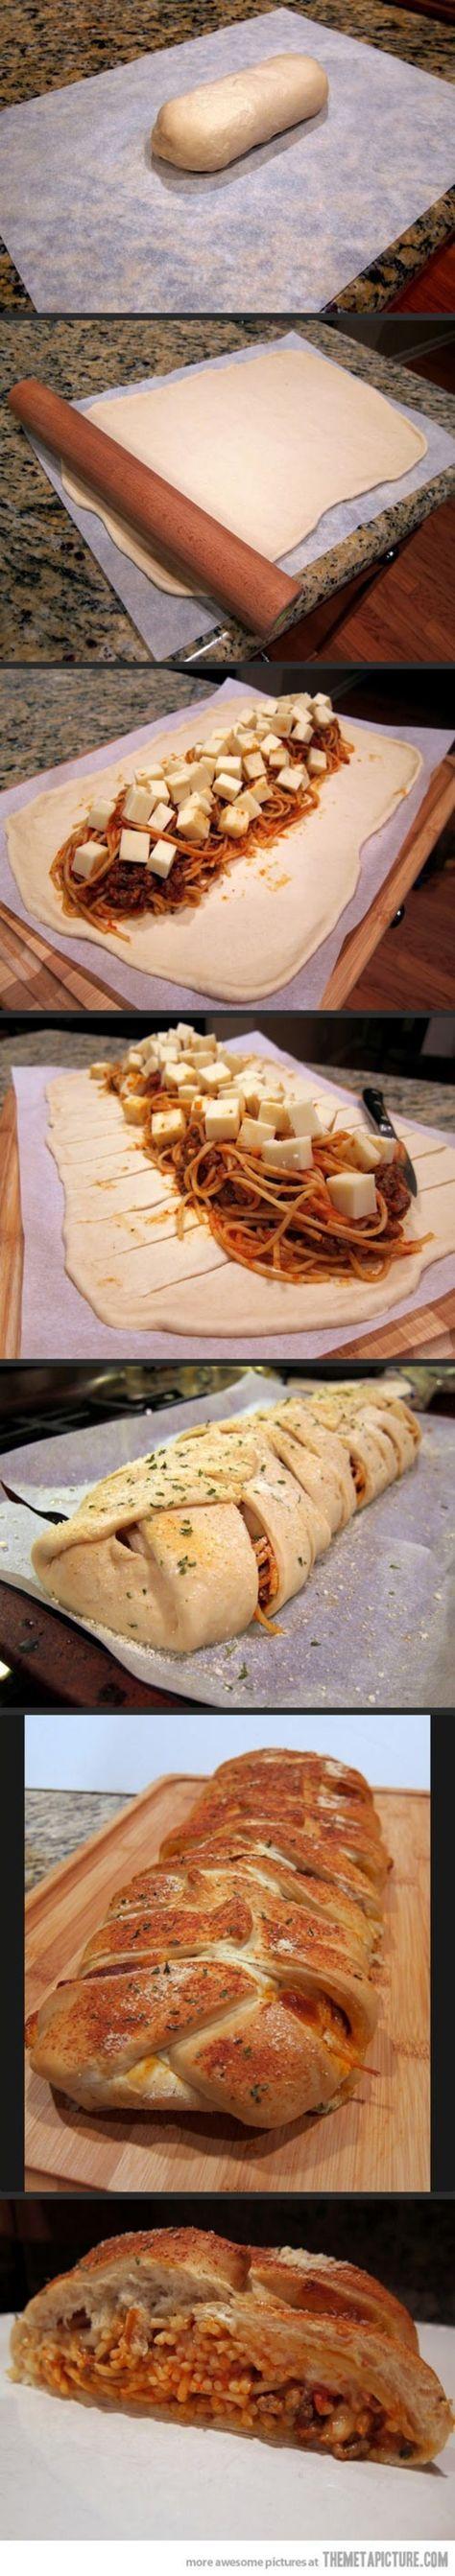 een gevlochten spaghetti brood - http://www.mijnreceptenboek.mobi/recept/broodgerechten/gevlochten-brood-7196.html